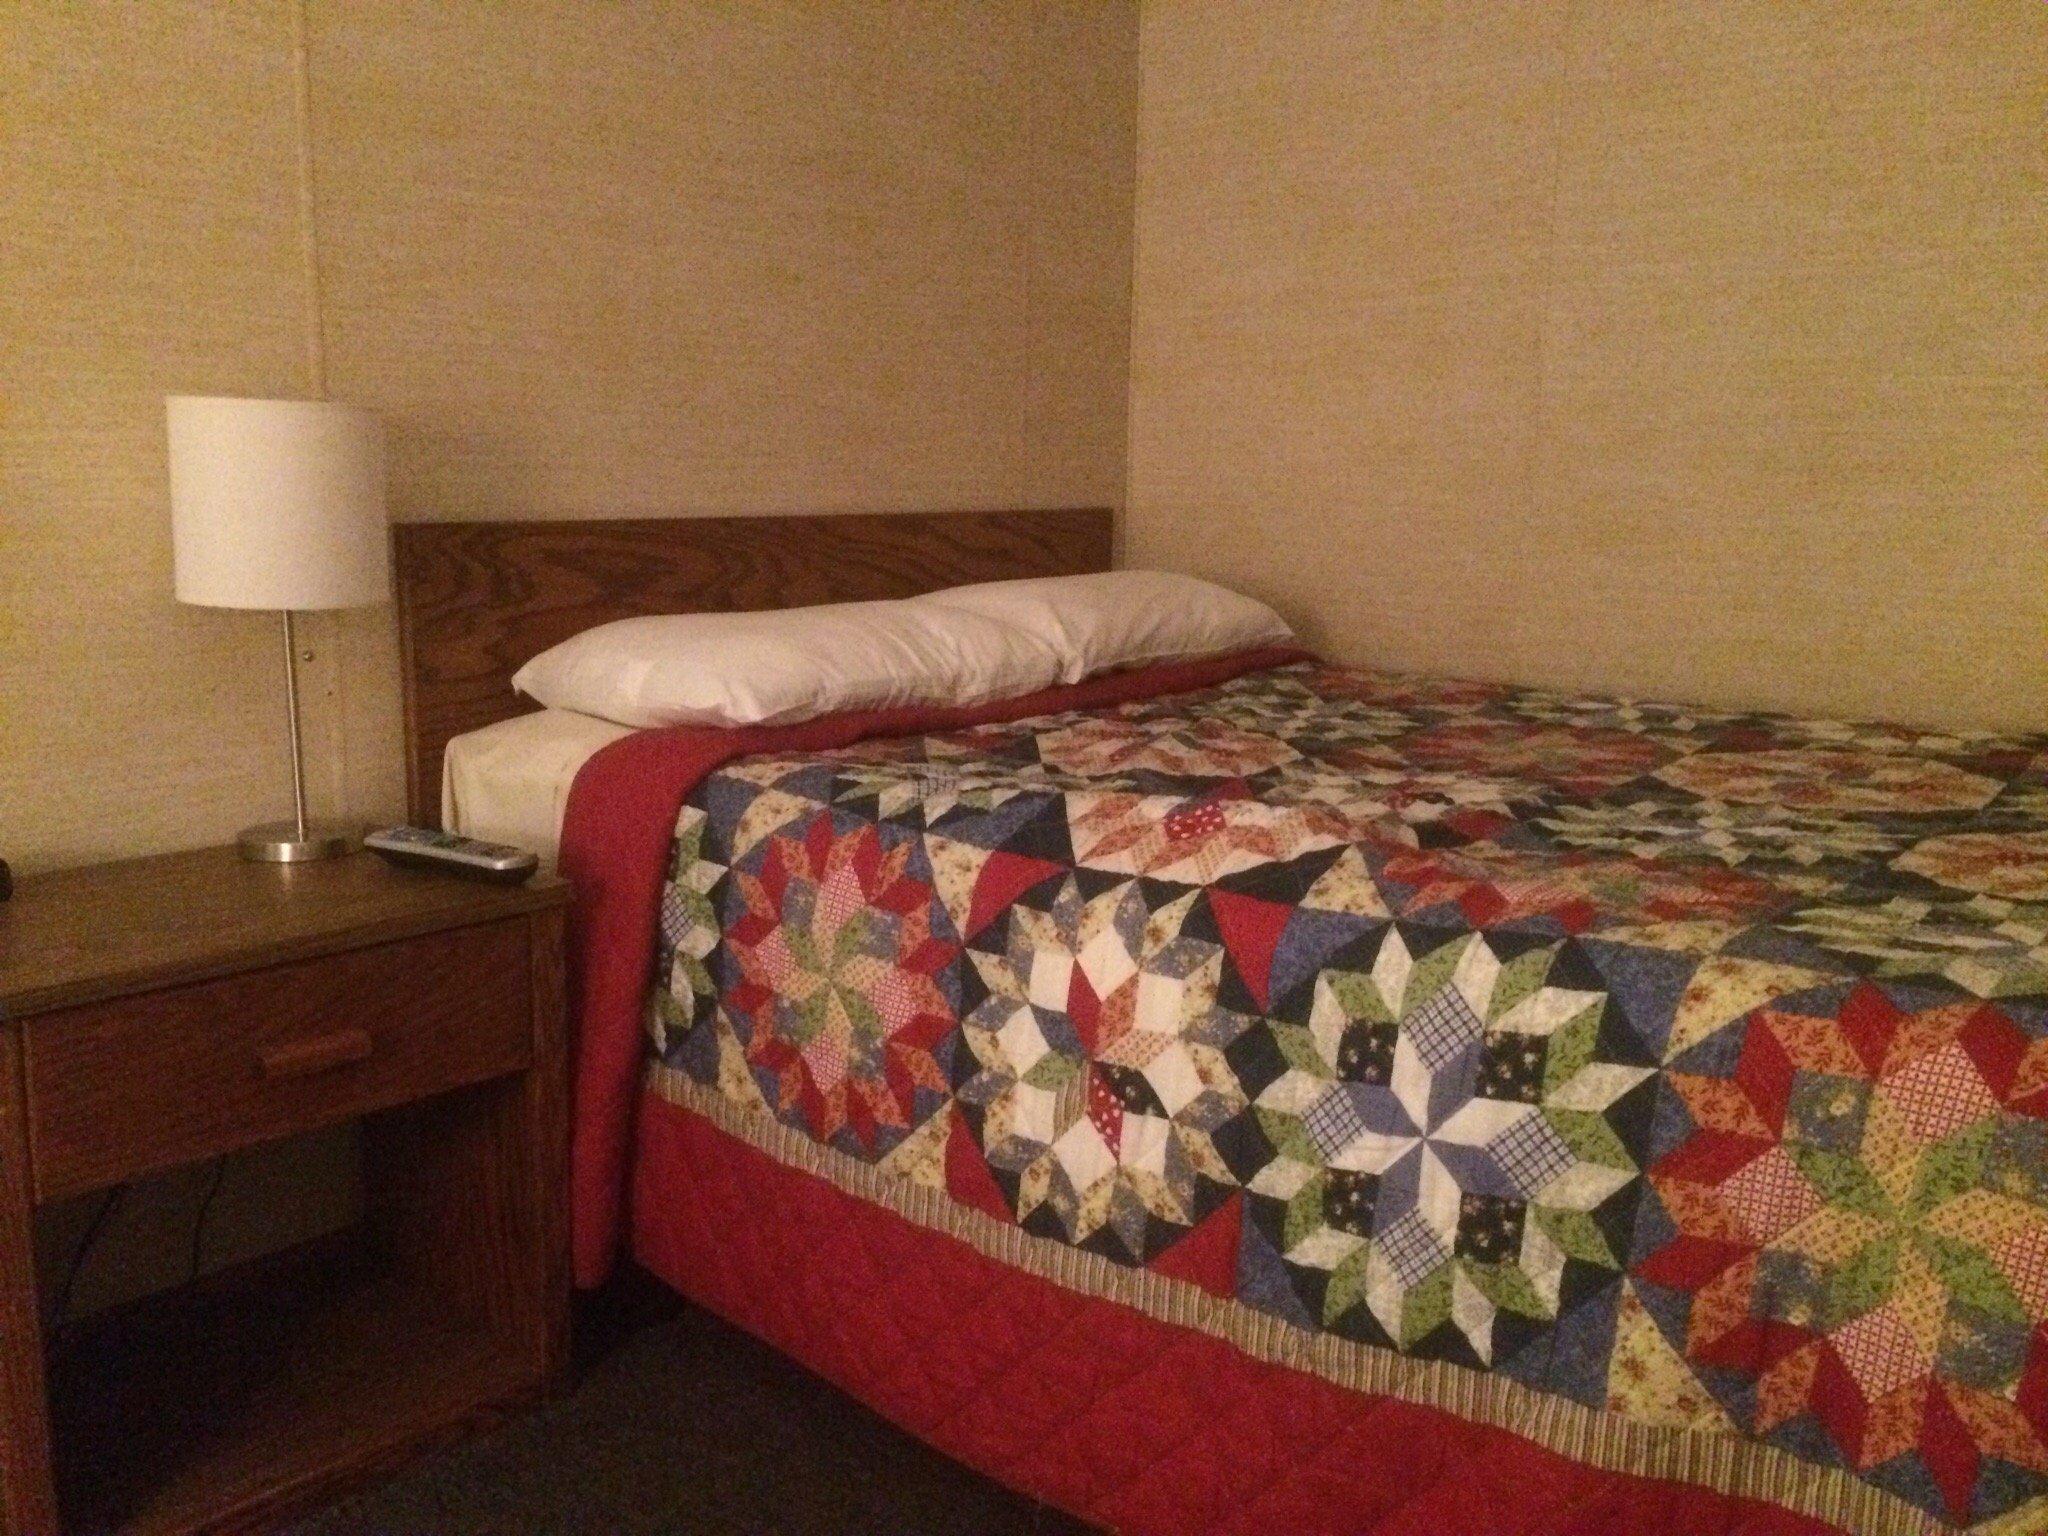 R & R Motel